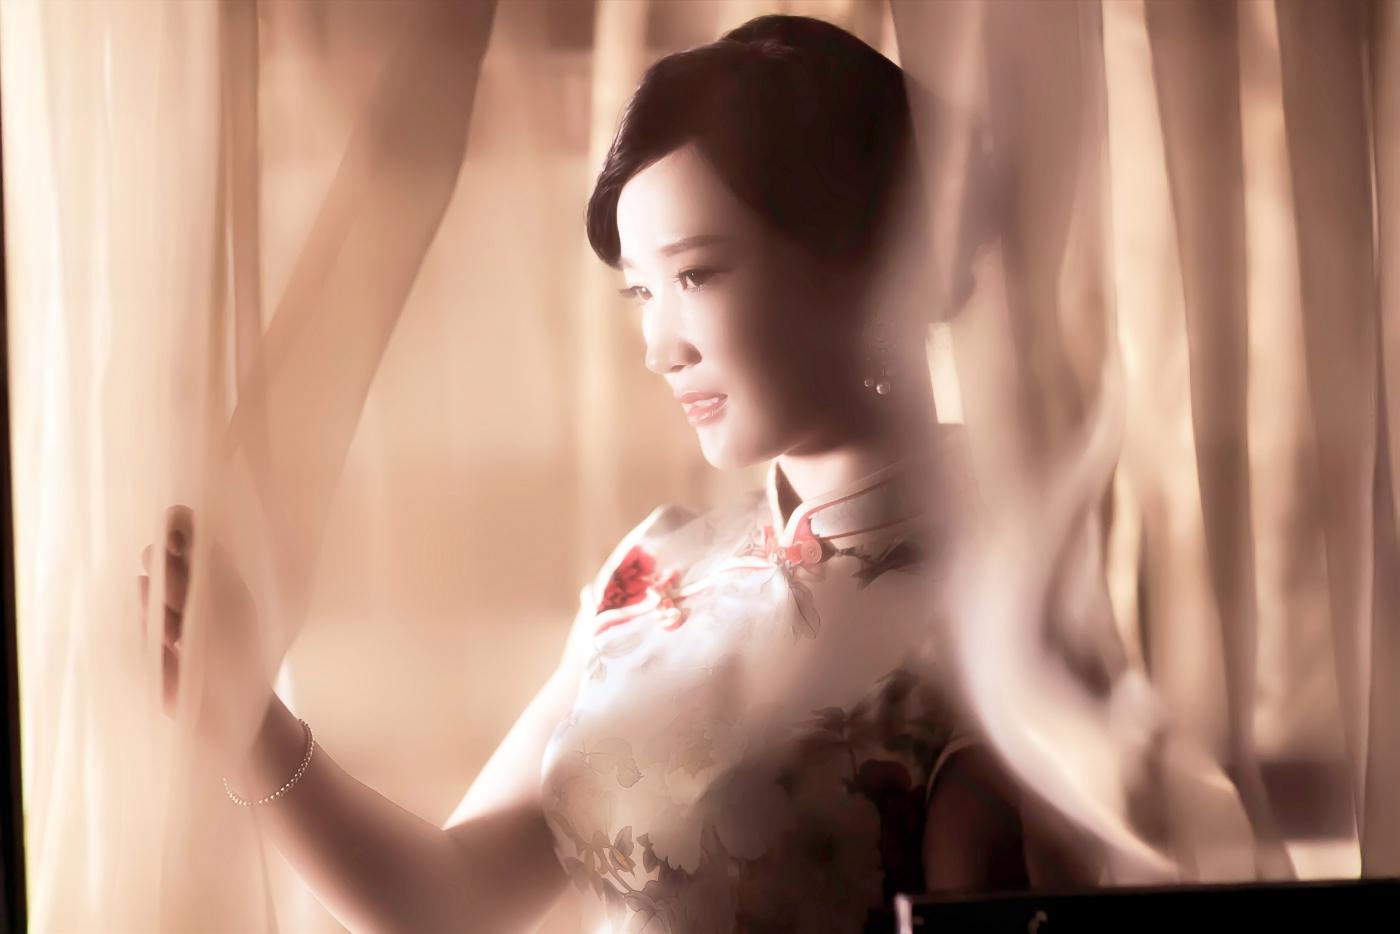 当临沂女孩孔孙懿凡遇到旗袍 一样会像王的女人一样高贵典雅 ..._图1-21